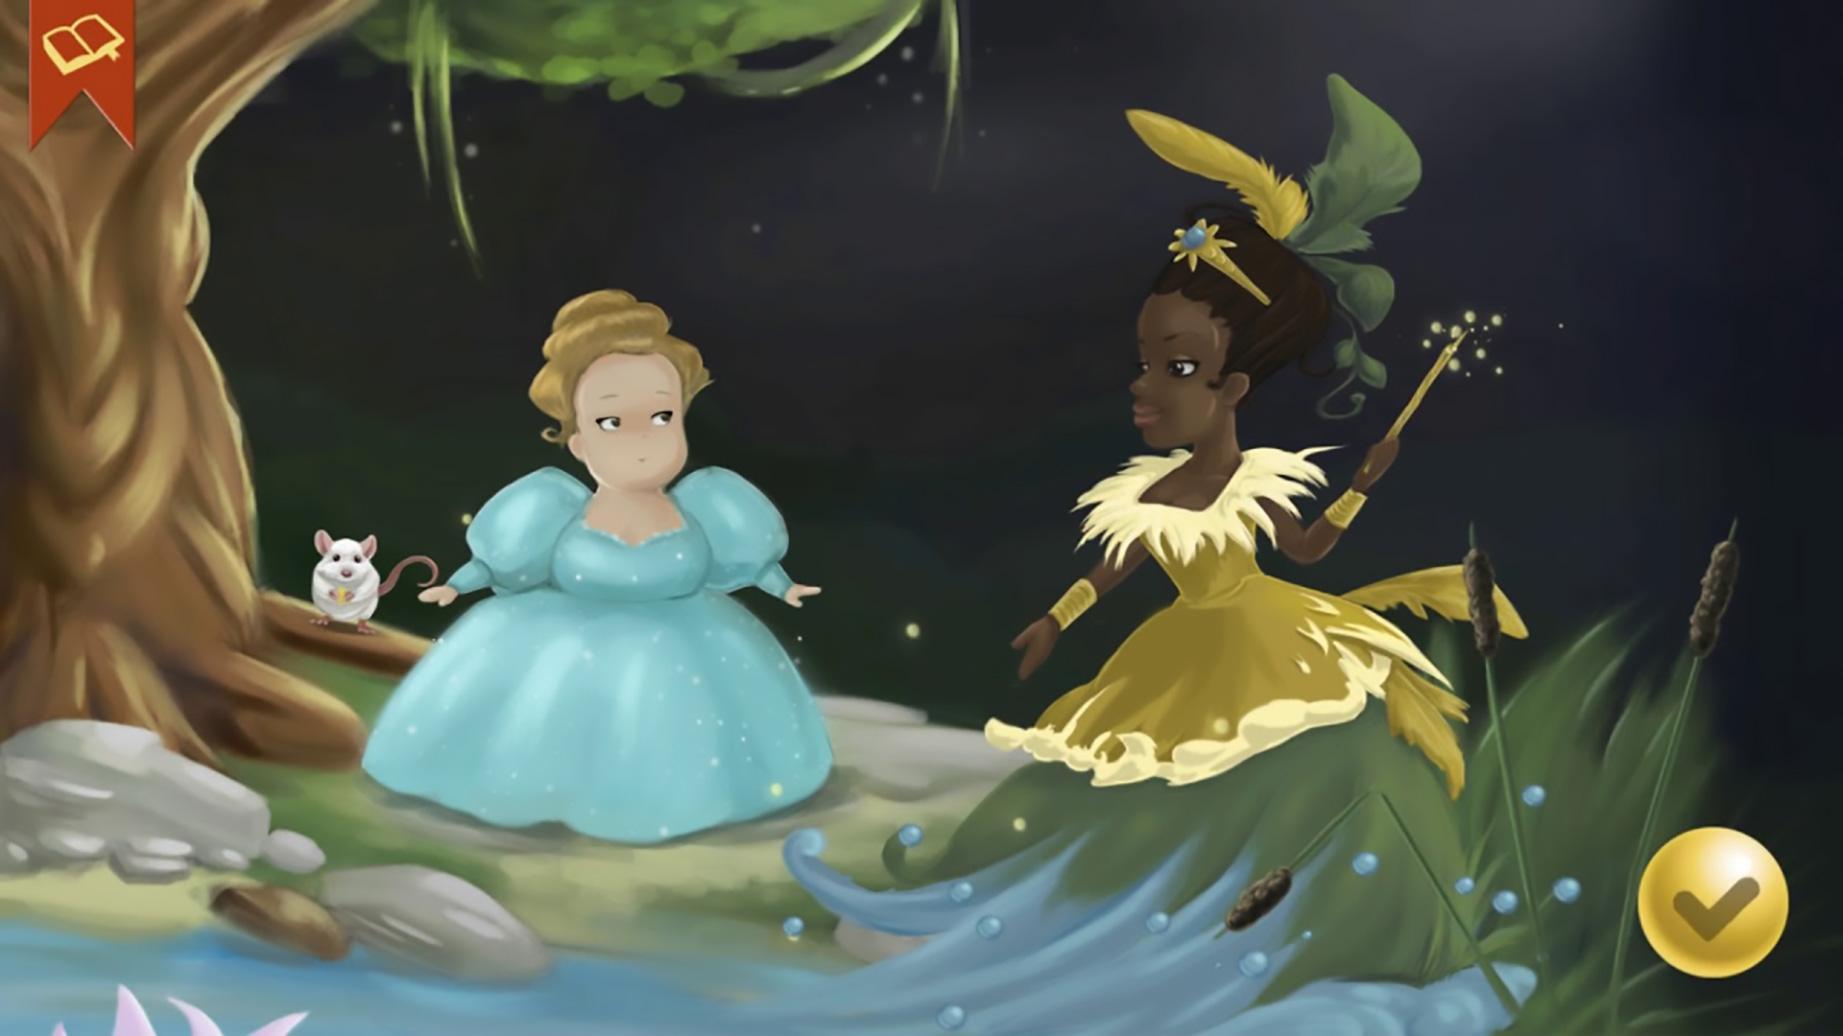 """Bricht mit etablierten Märchen-Klischees: Golden Orbs interaktive Version des """"Aschenputtel""""-Märchens."""